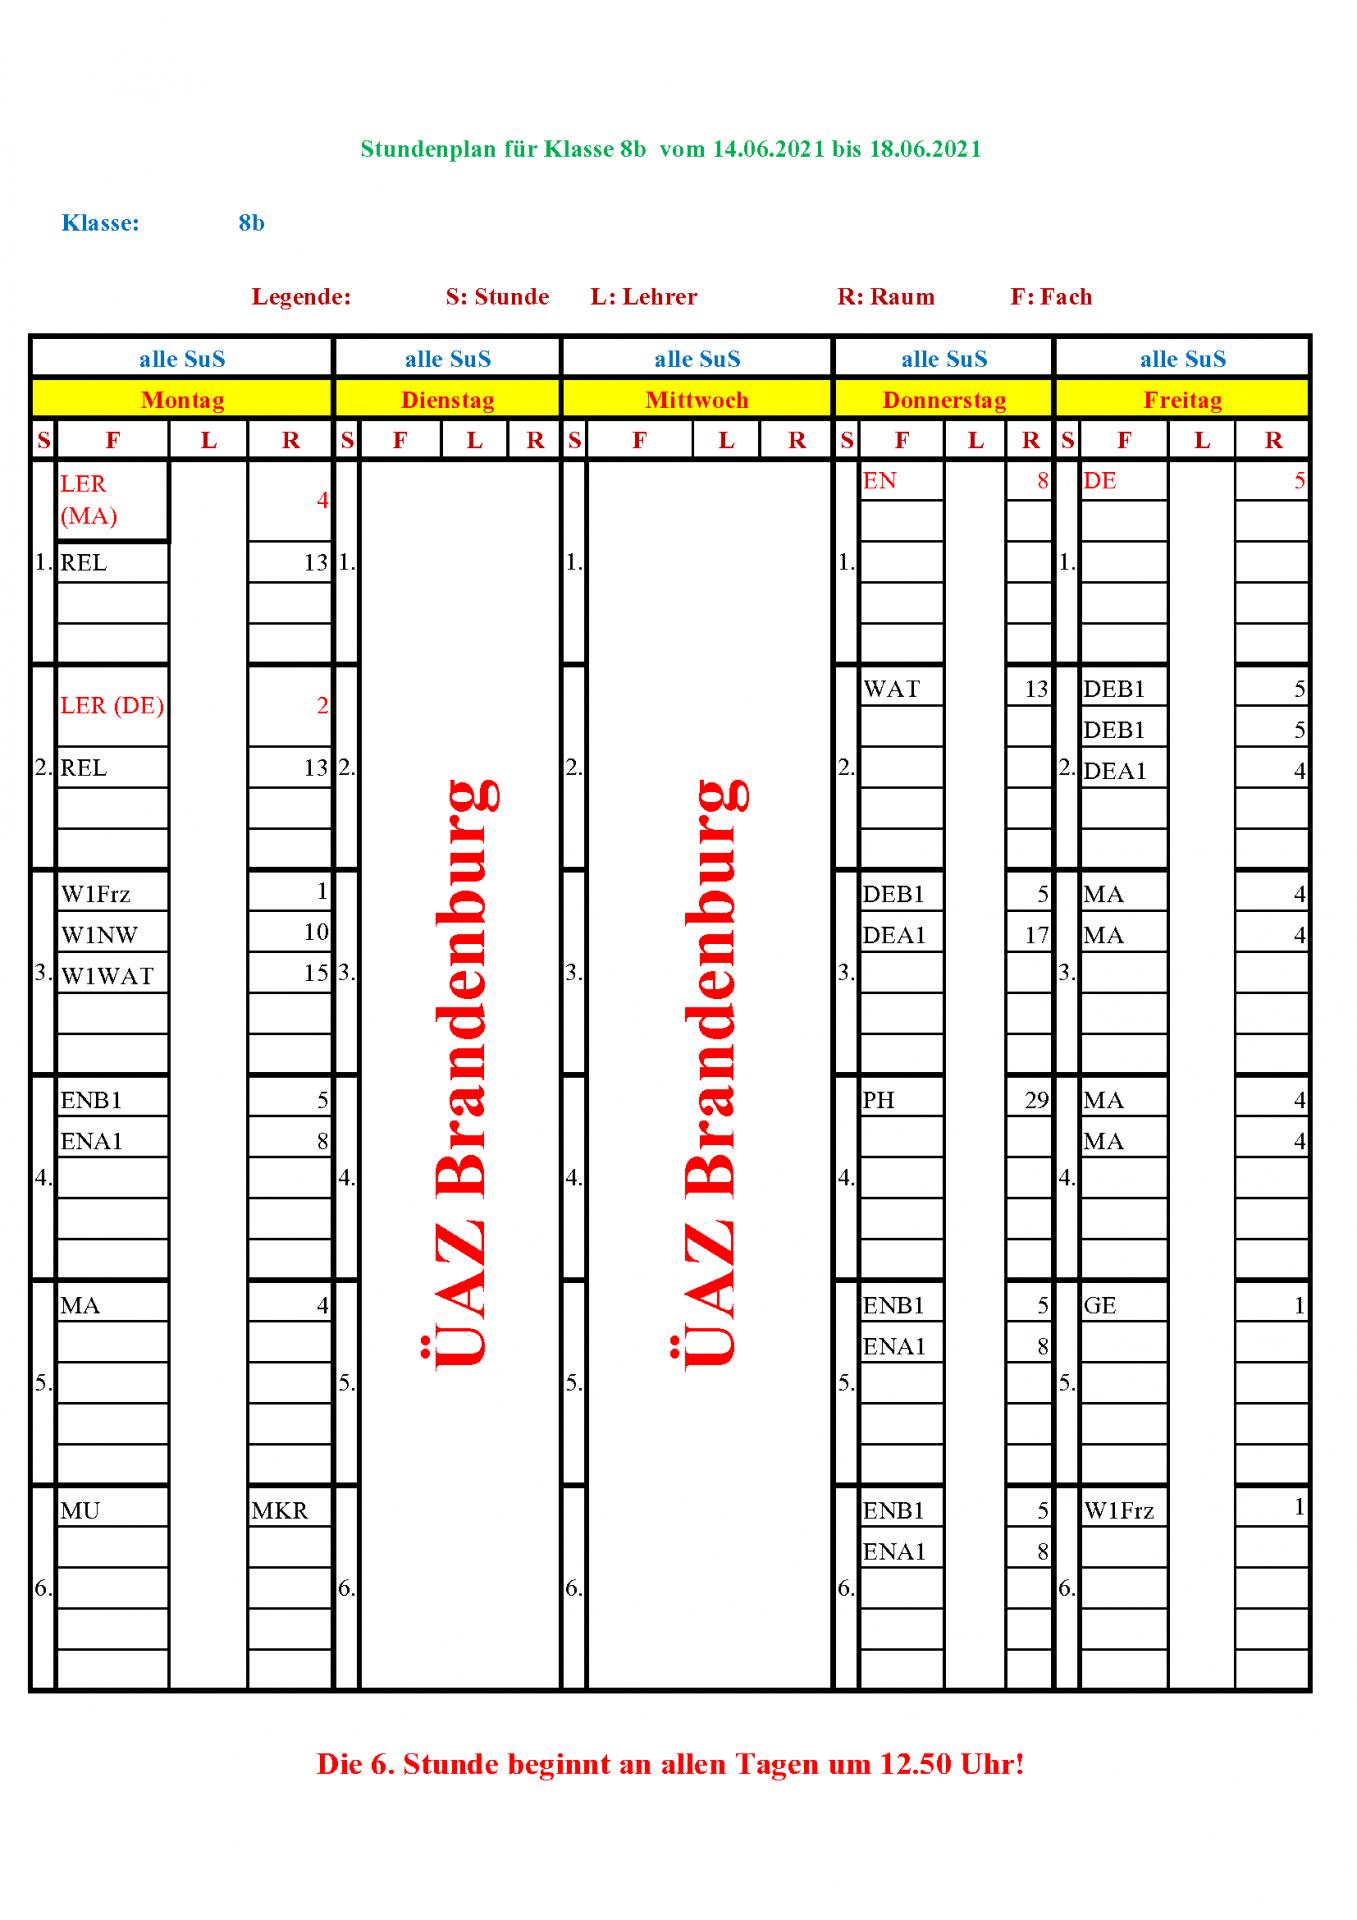 Sonderplan 7 bis 10 vom 14.06.2021 bis 18.06.2021 SuS_5